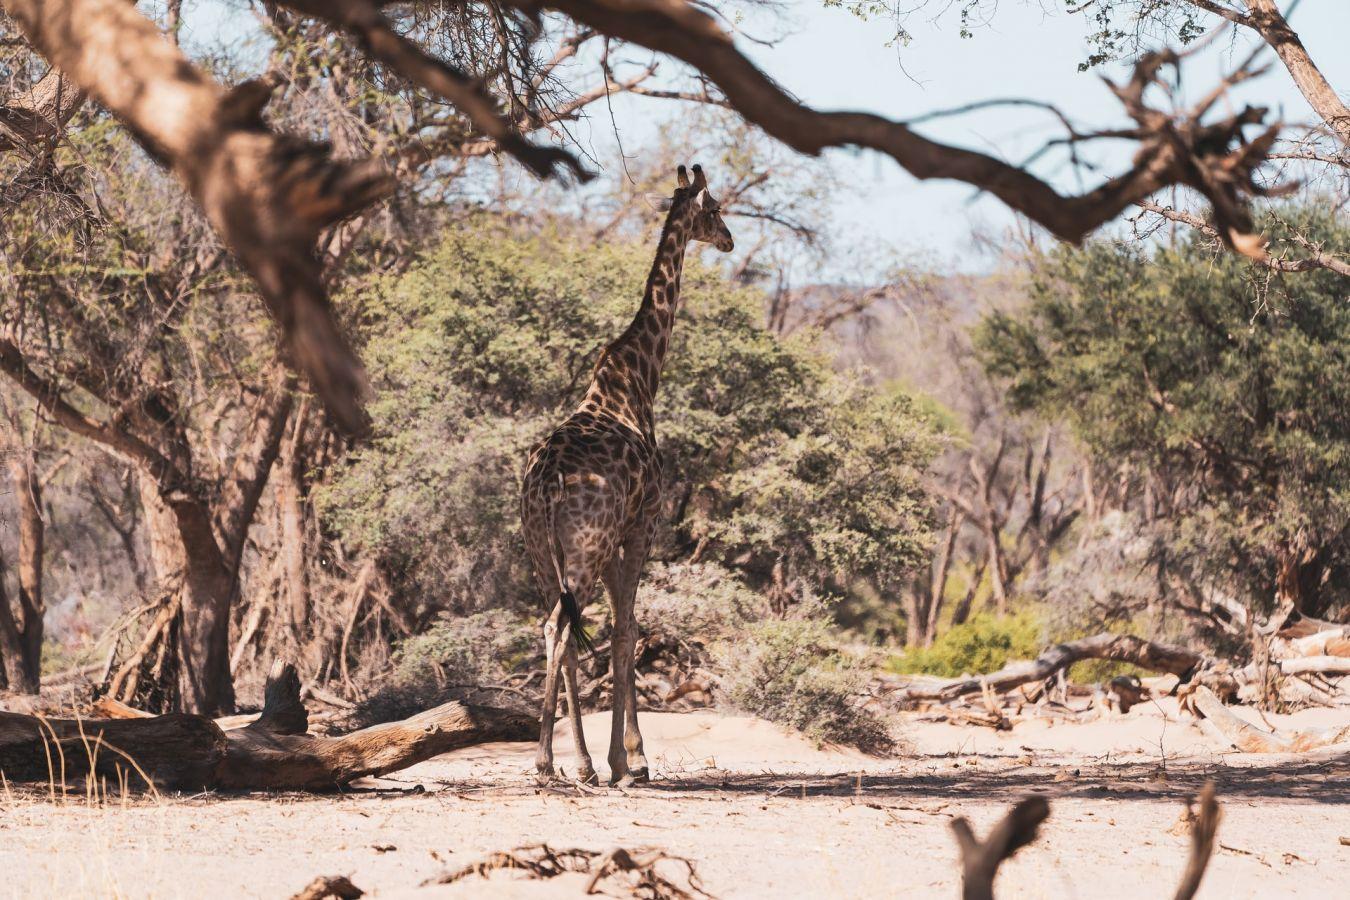 Giraf in Kaokaland